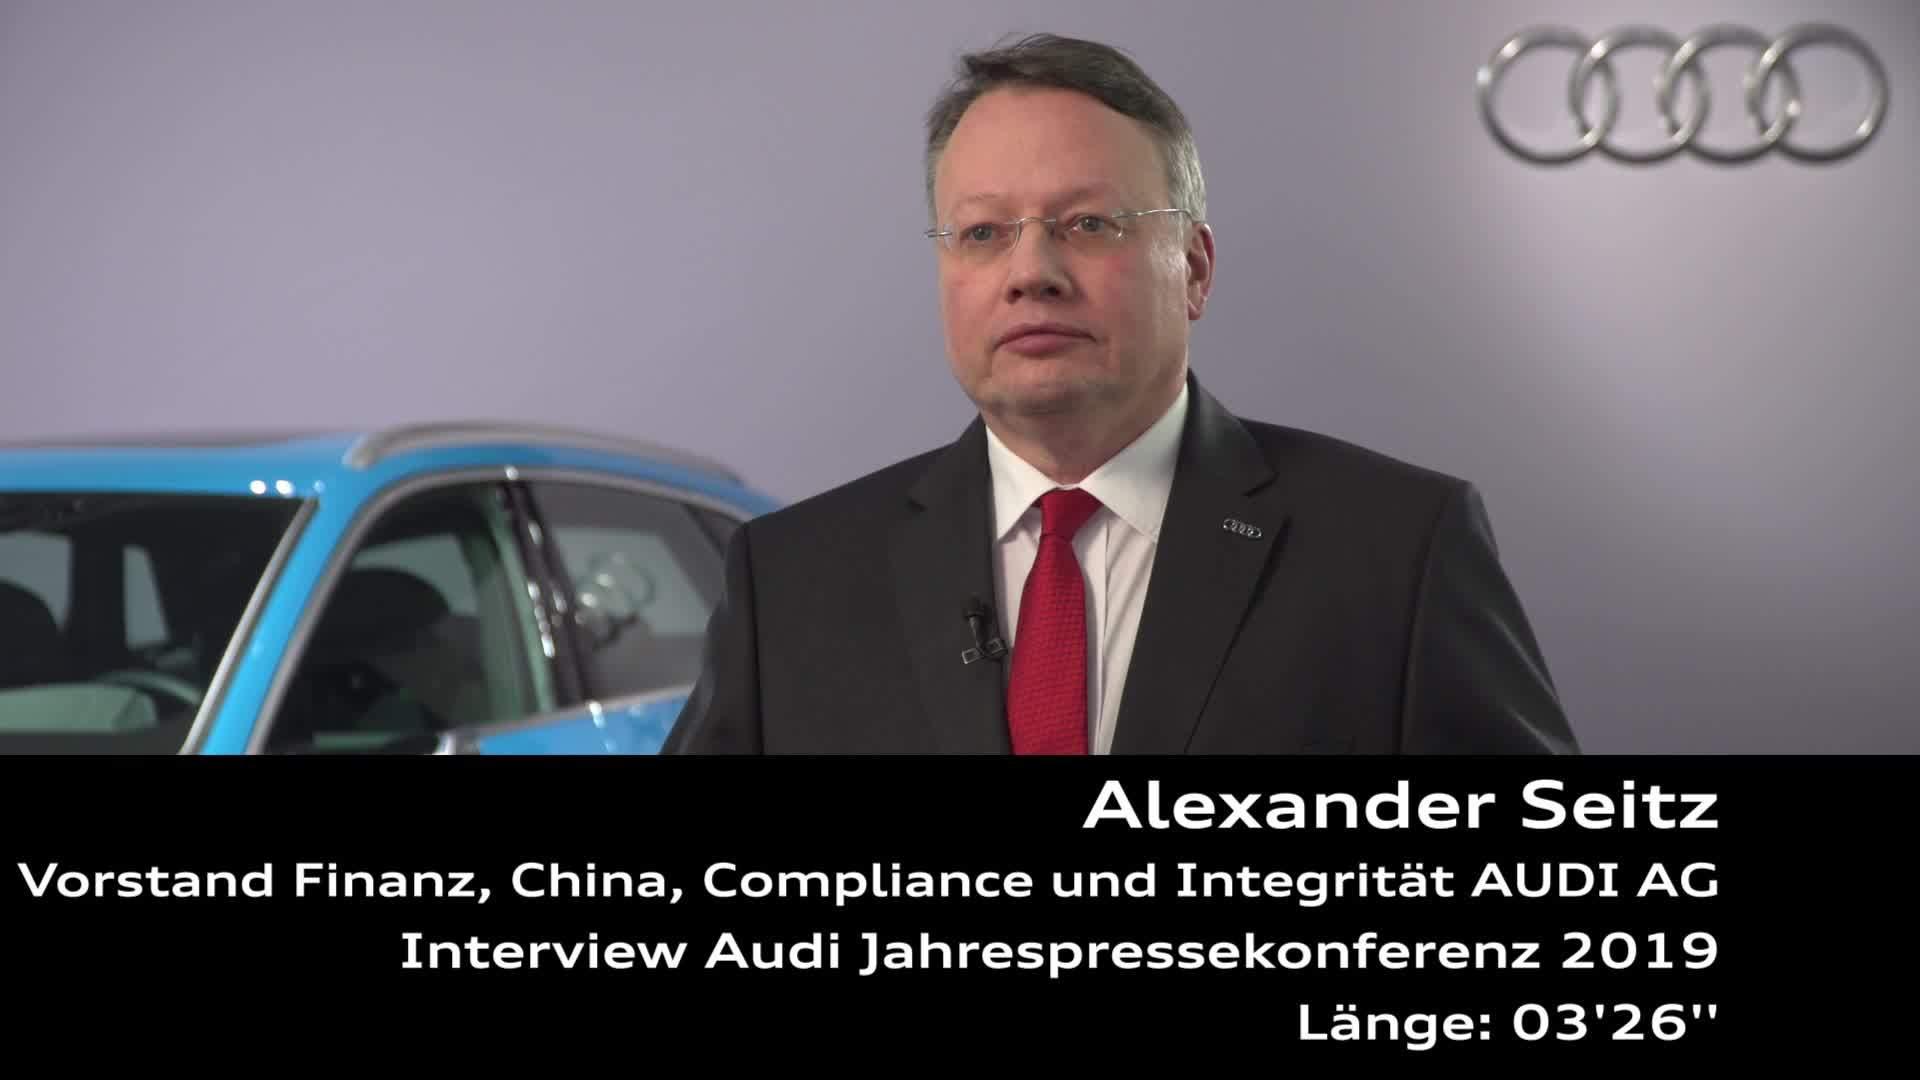 Audi Jahrespressekonferenz 2019 Interview Alexander Seitz